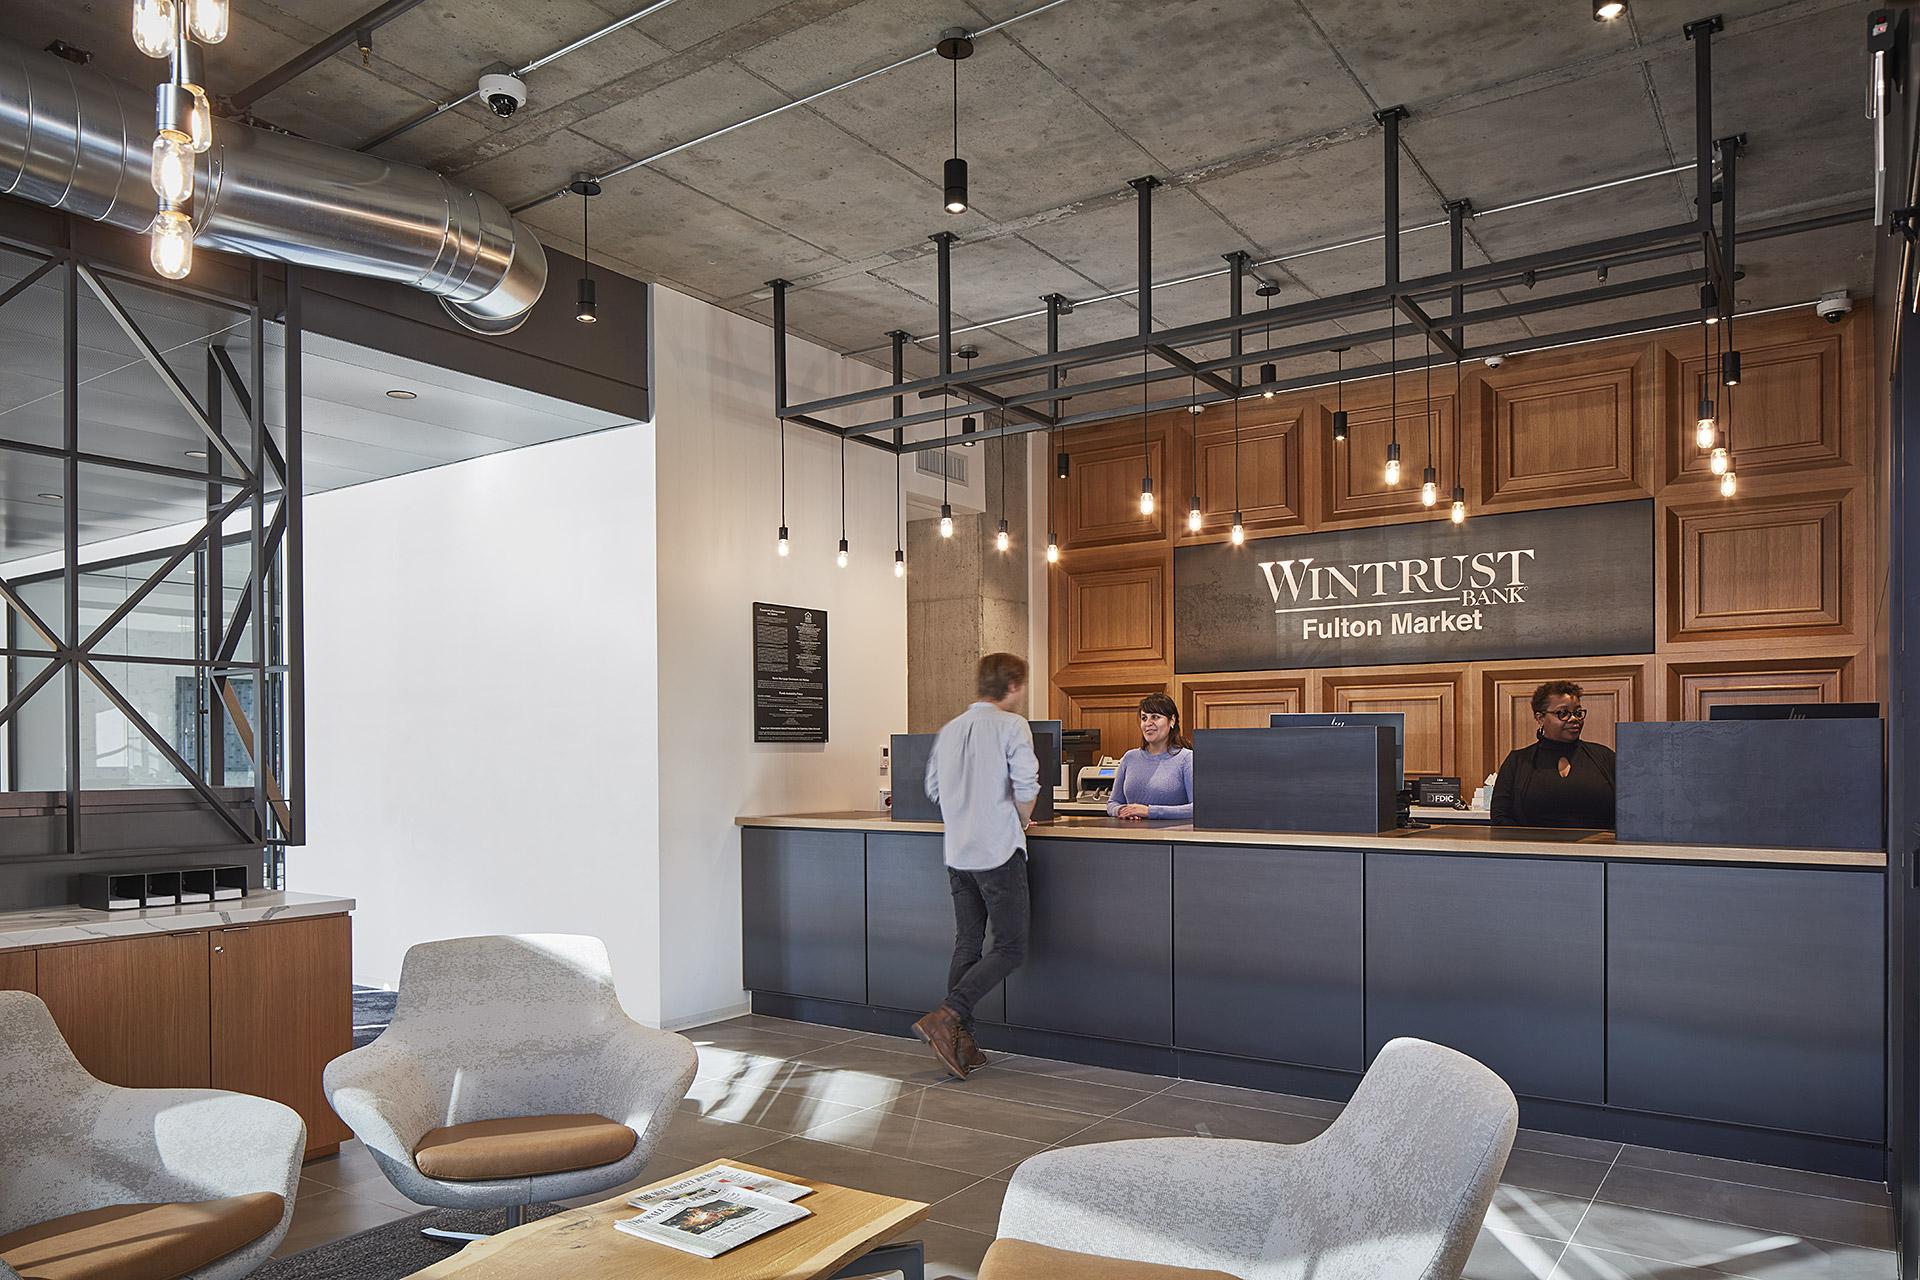 Wintrust Bank | Fulton Market